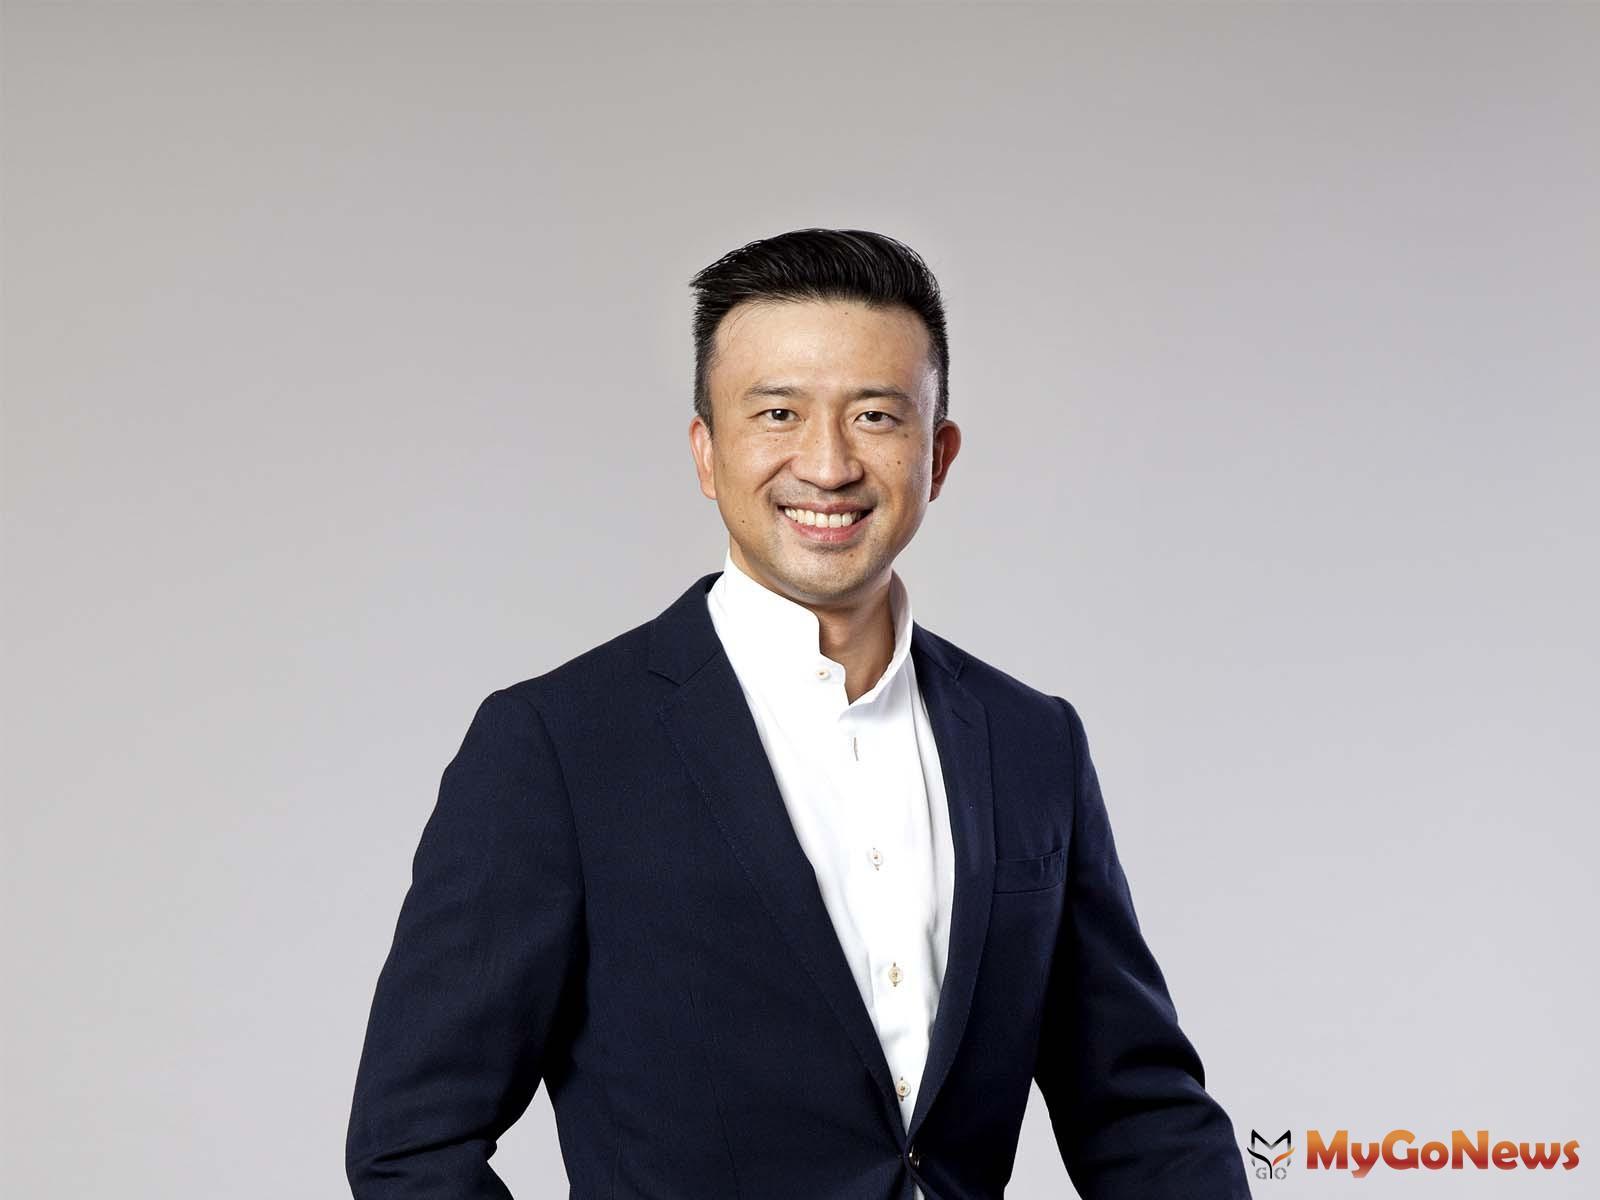 RLP副主席呂慶耀強調建築設計應著重友善環境、與自然共存的利基點,降低建築對環境的衝突與破壞(圖/業者提供)。 MyGoNews房地產新聞 市場快訊